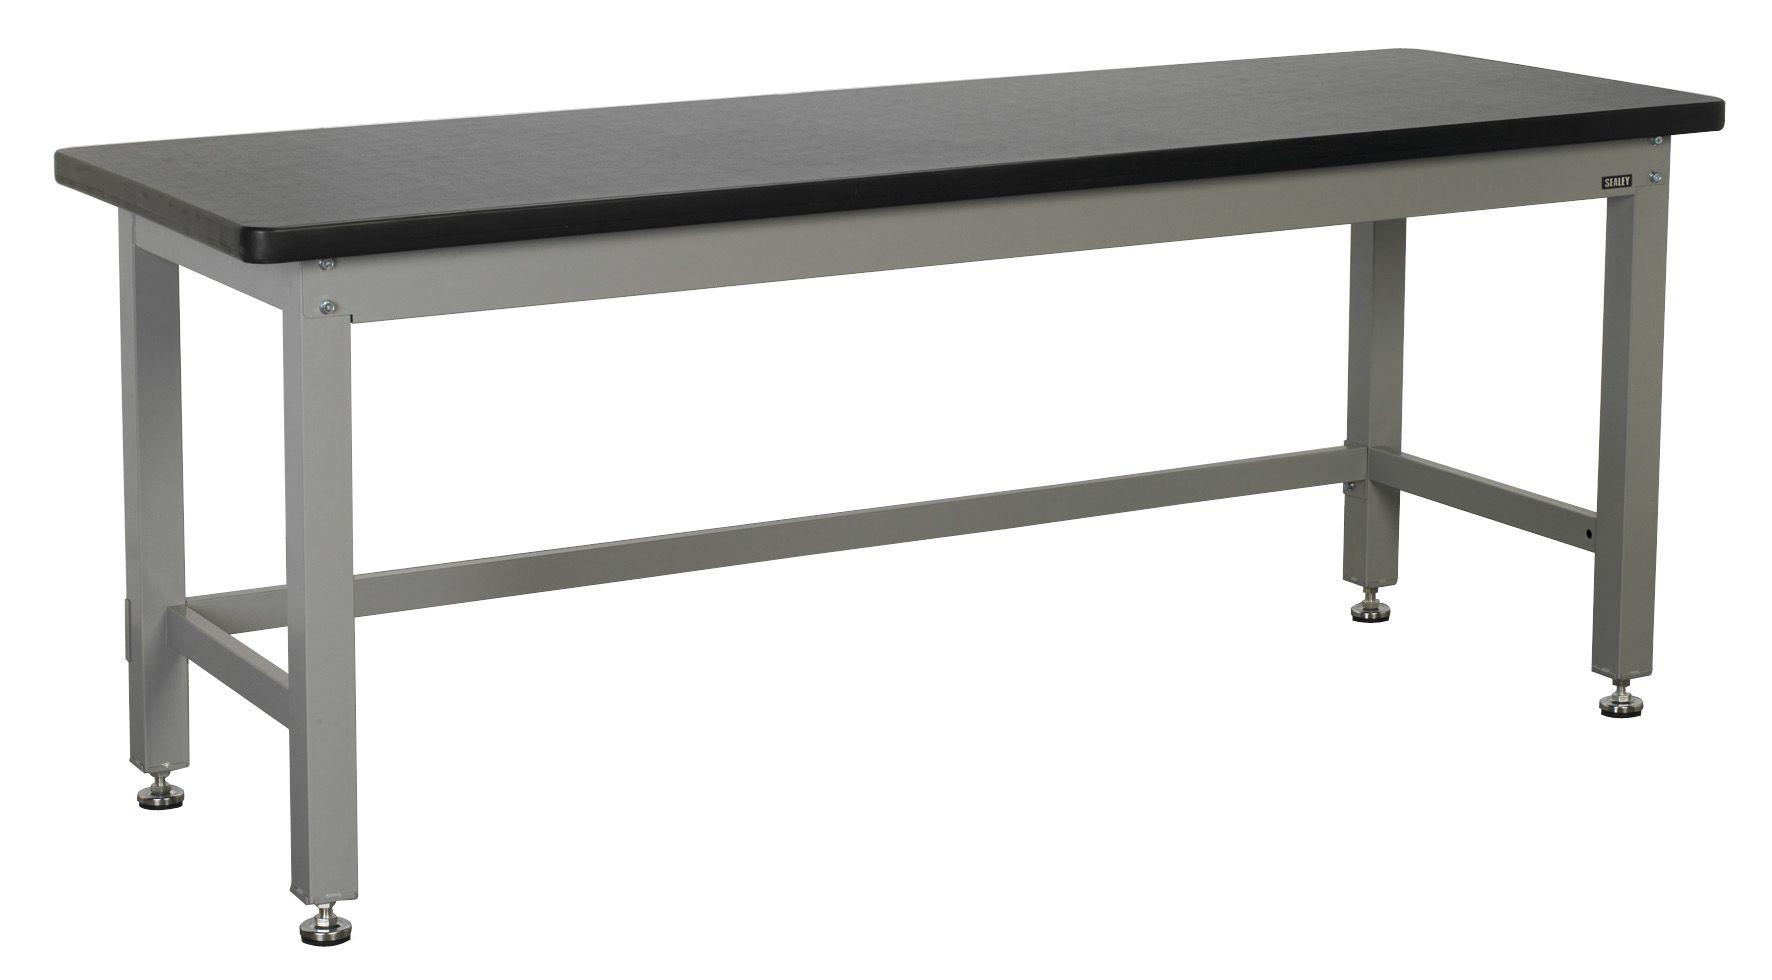 Sealey Workbench Steel Industrial 2.1m